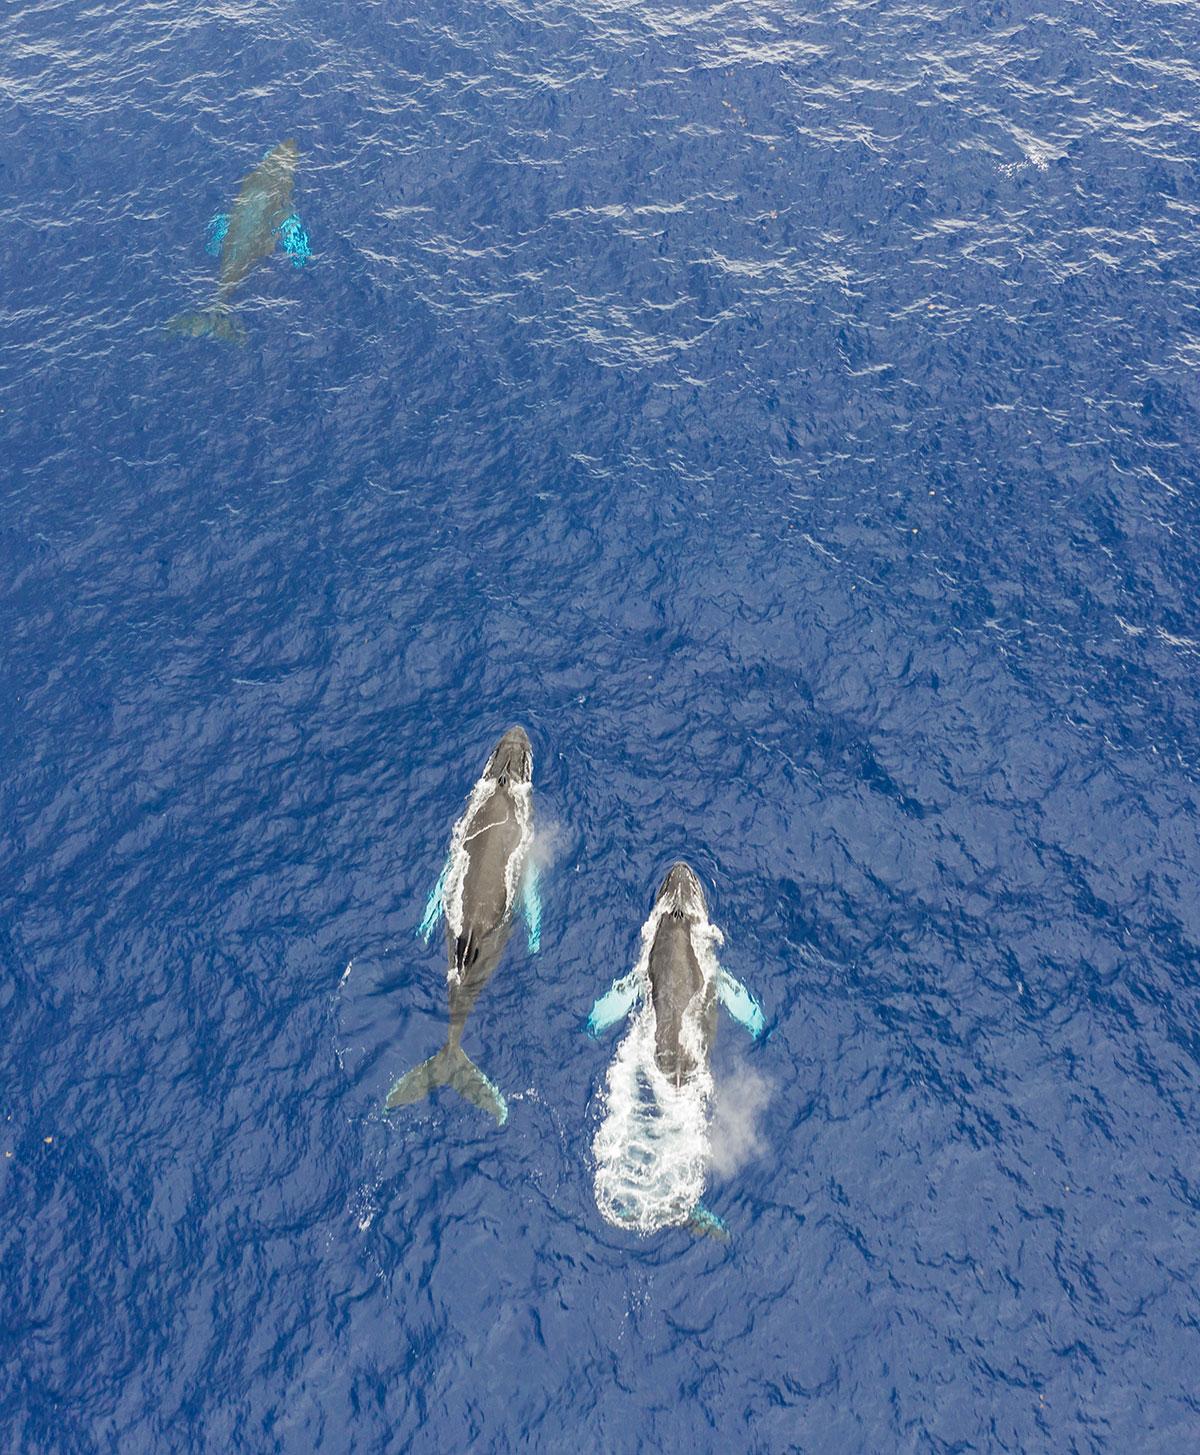 Dominikanische Republik, Buckelwale